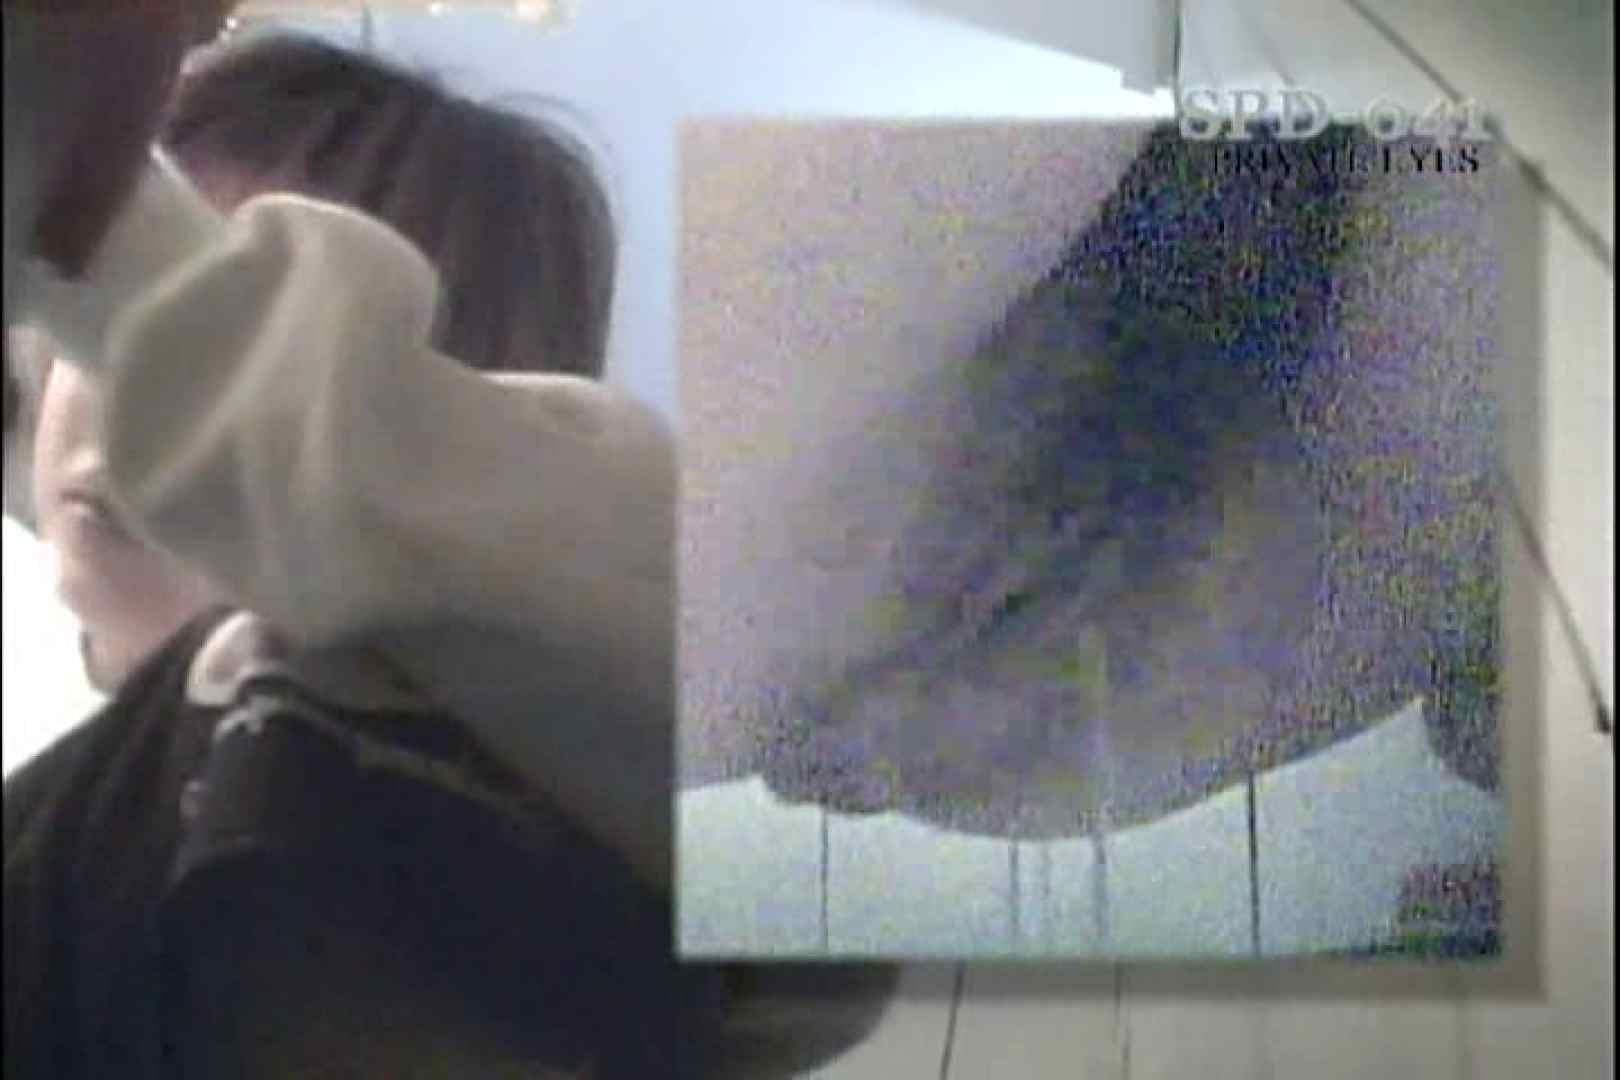 高画質版!SPD-041 和式厠 モリモリスペシャル 3 厠 覗きおまんこ画像 96枚 72